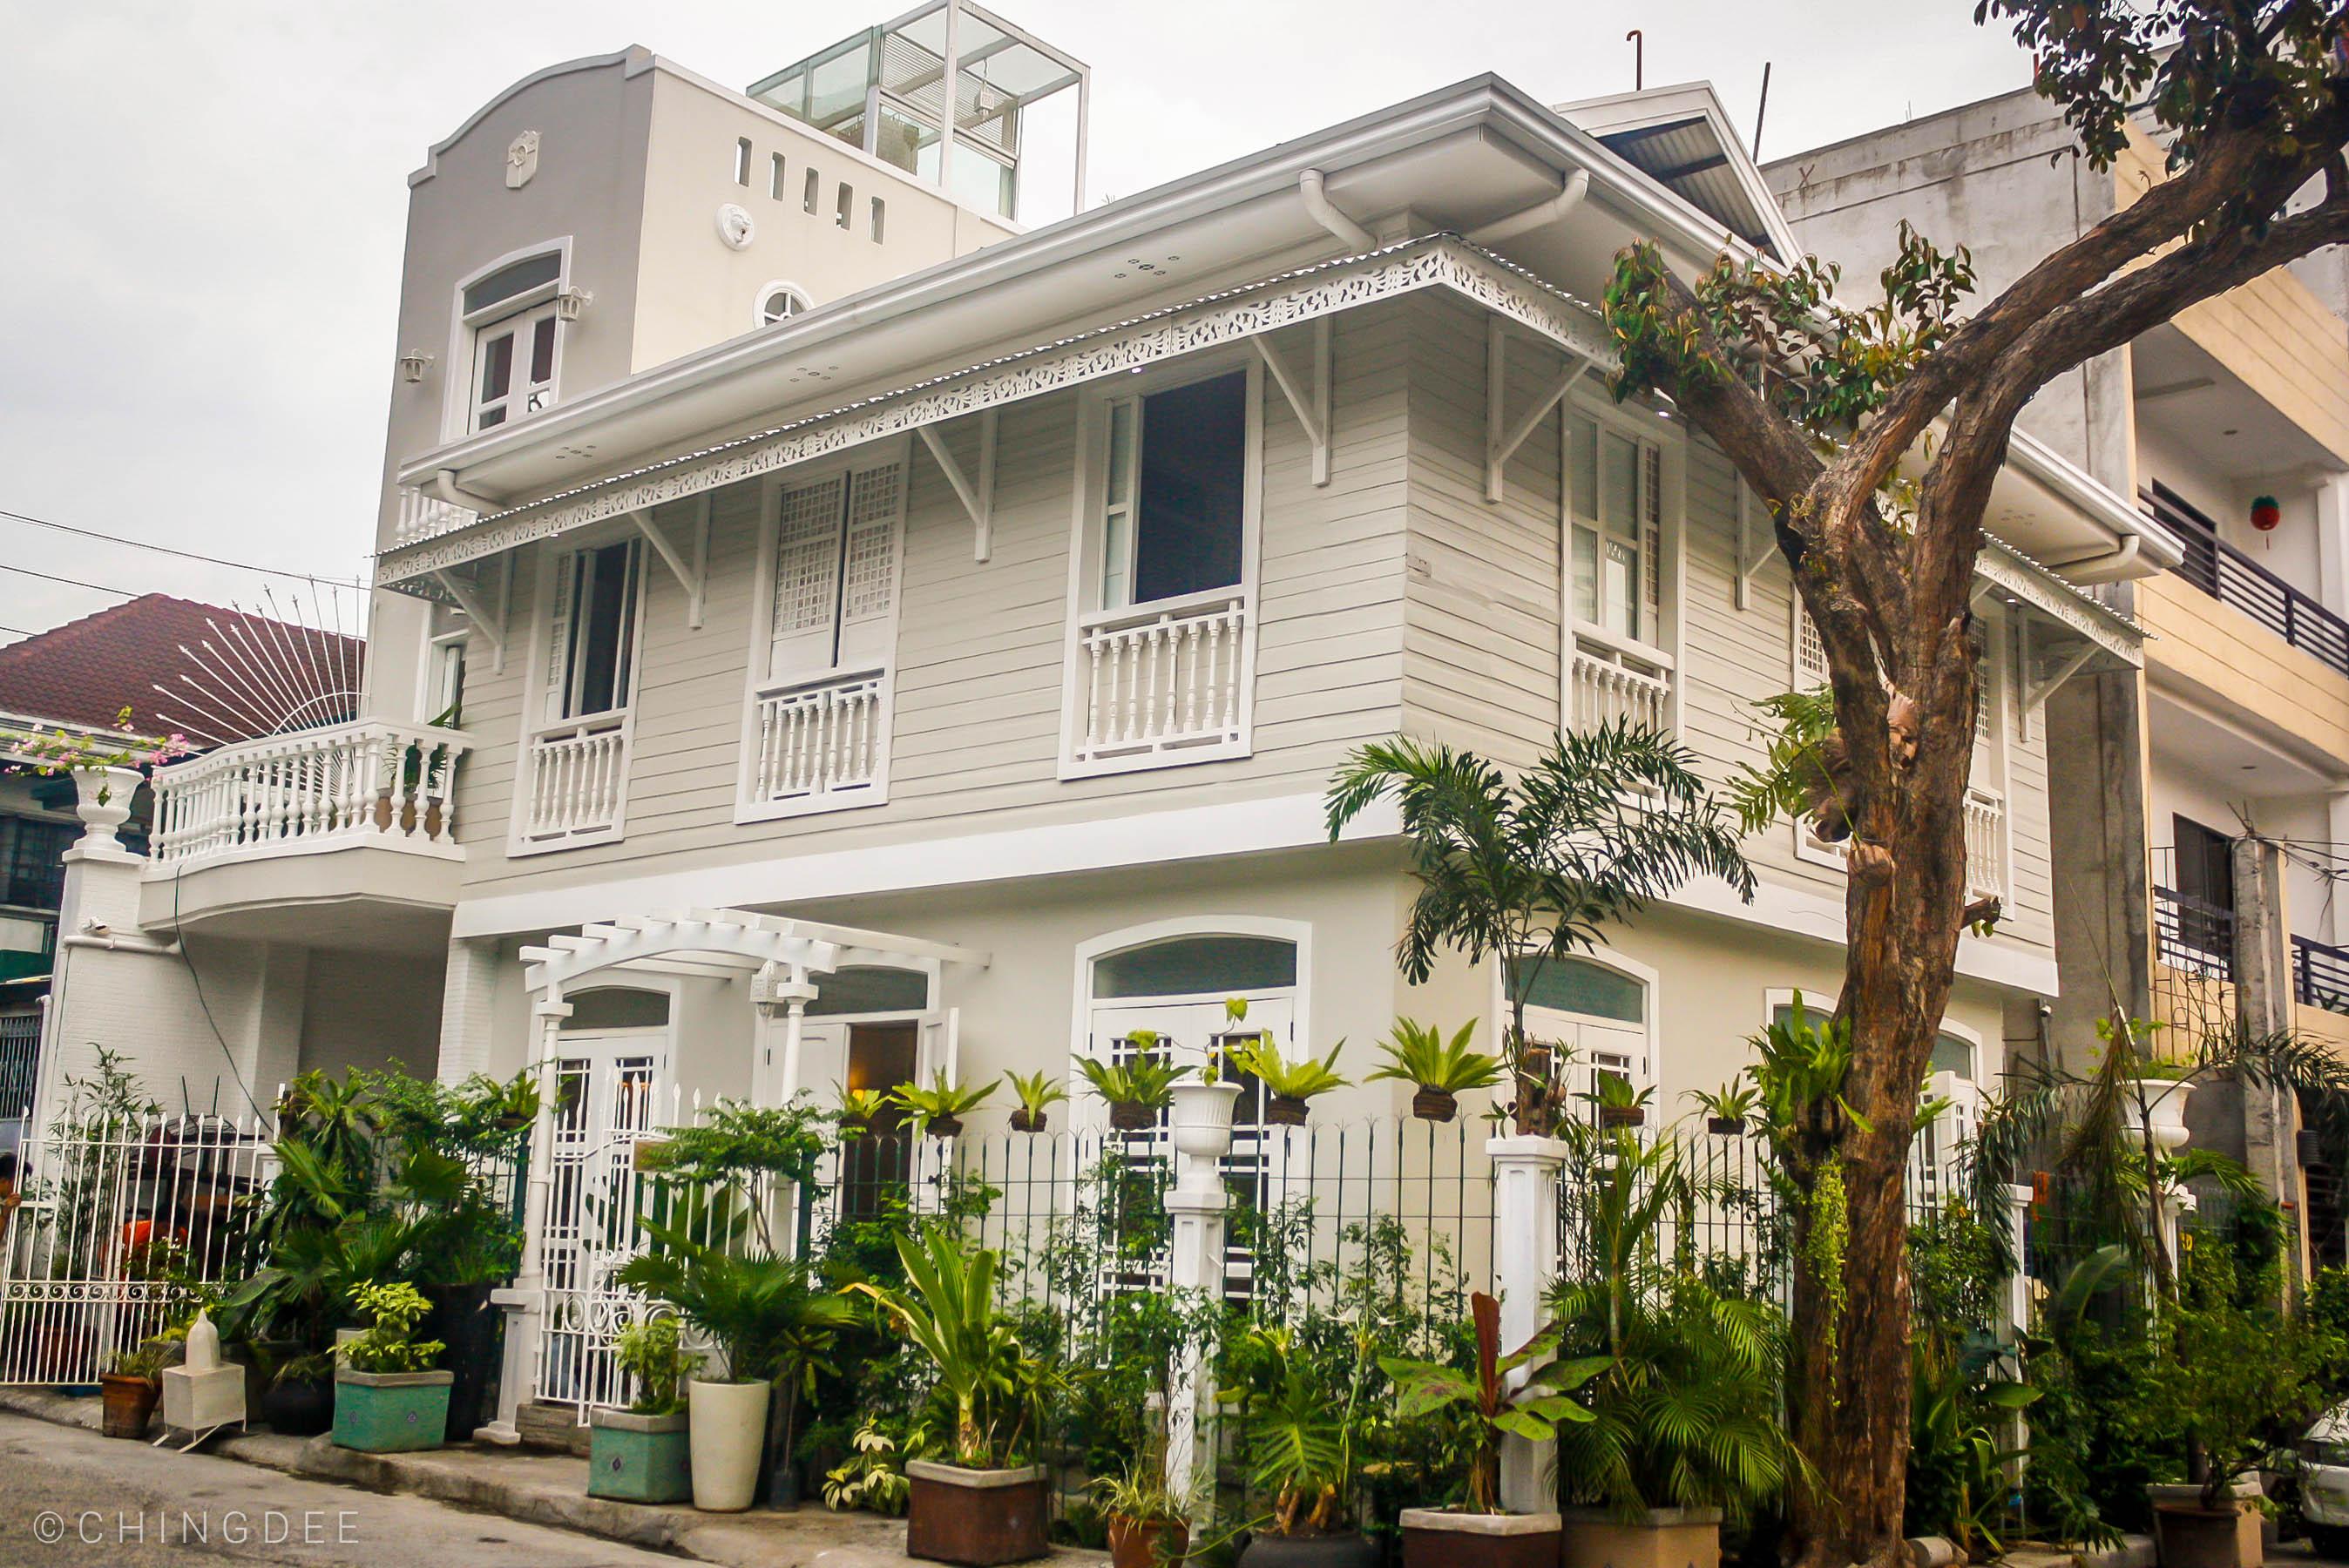 La Casita Mercedes is located at Fermina cor. Enriquez Street in Poblacion, Makati City